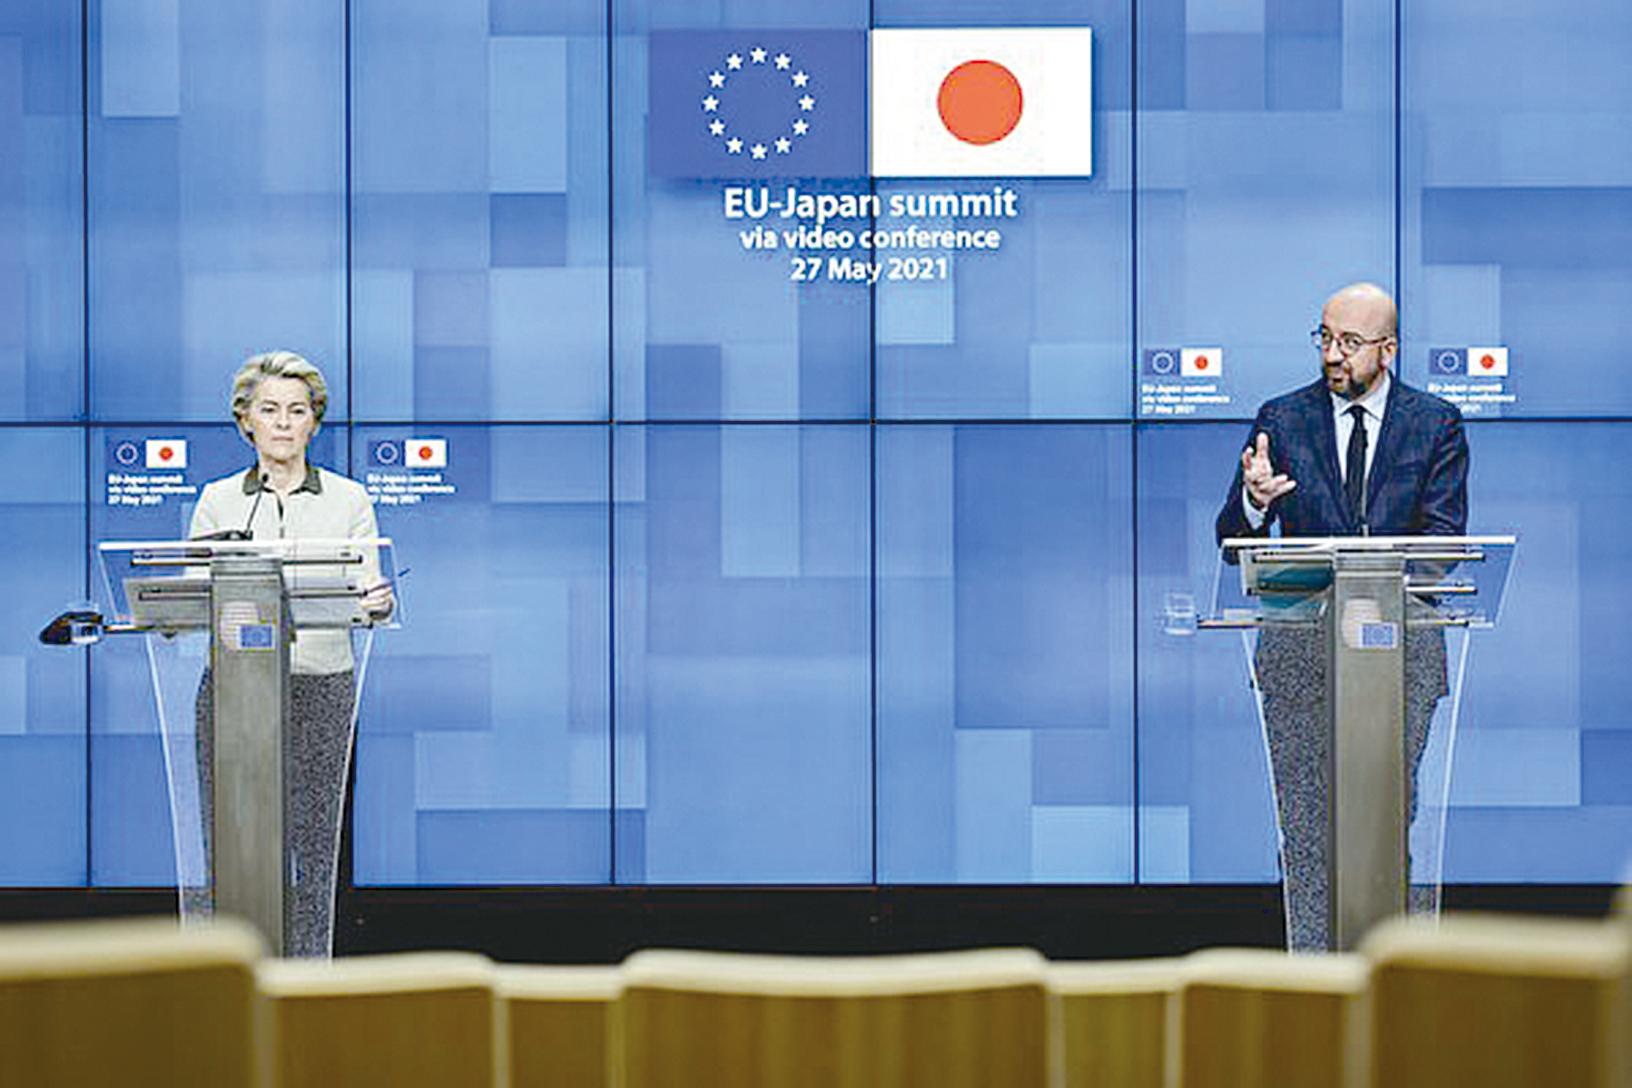 2021年5月27日,在日歐視像峰會之後,歐洲理事會主席Charles Michel和歐洲委員會主席Ursula von der Leyen在布魯塞爾舉行了記者會。(KENZO TRIBOUILLARD/POOL/AFP via Getty Images)